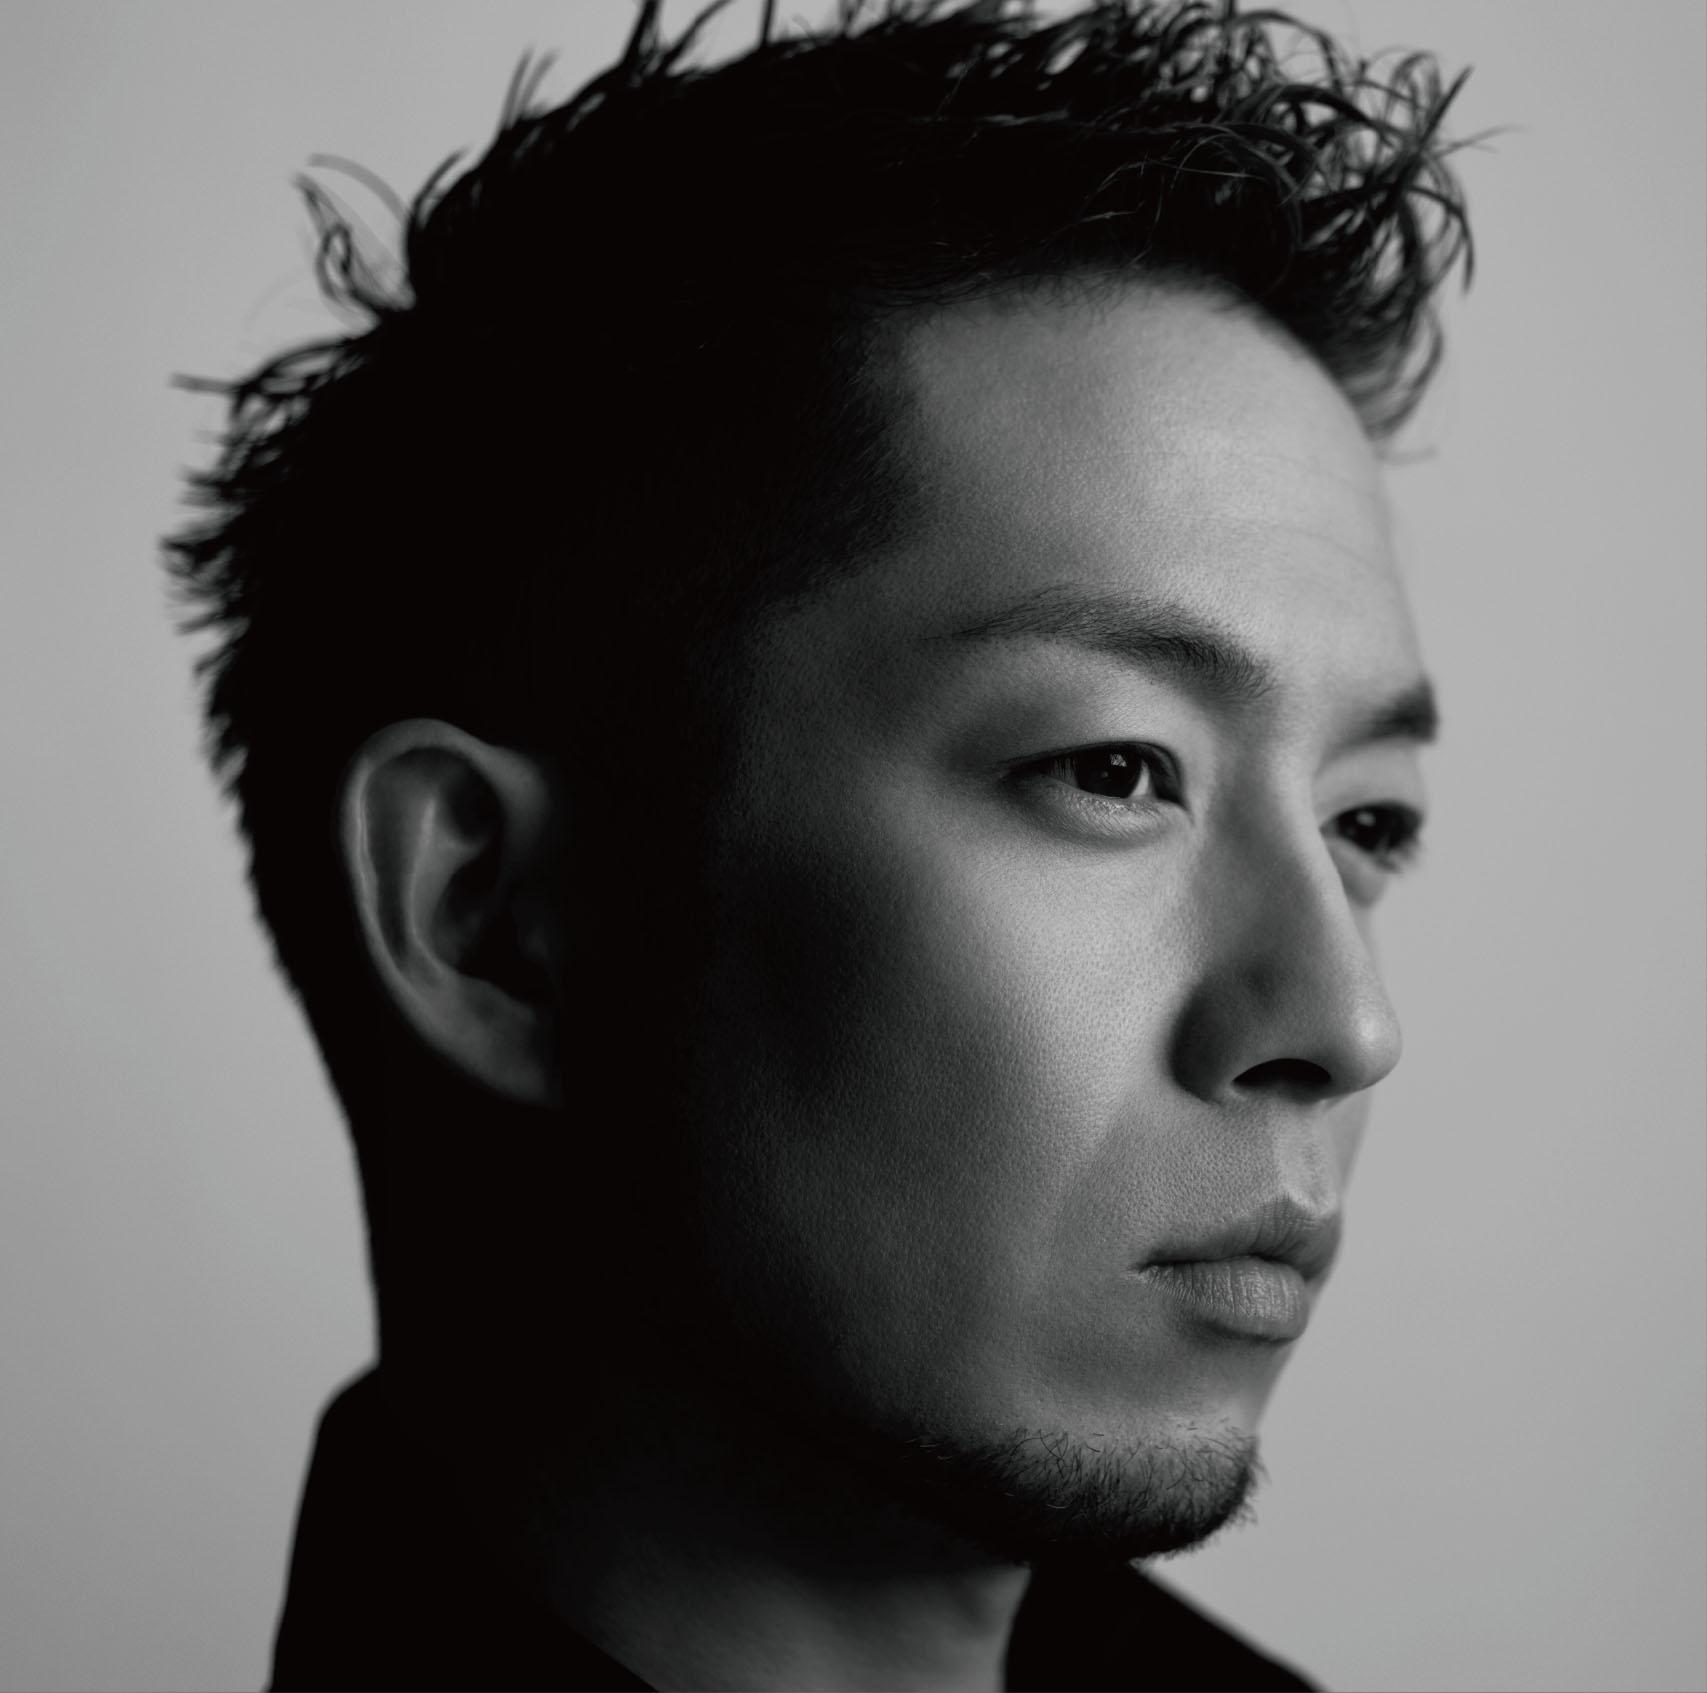 元EXILEボーカル【SHUN】こと清木場俊介って今、何してるの?のサムネイル画像